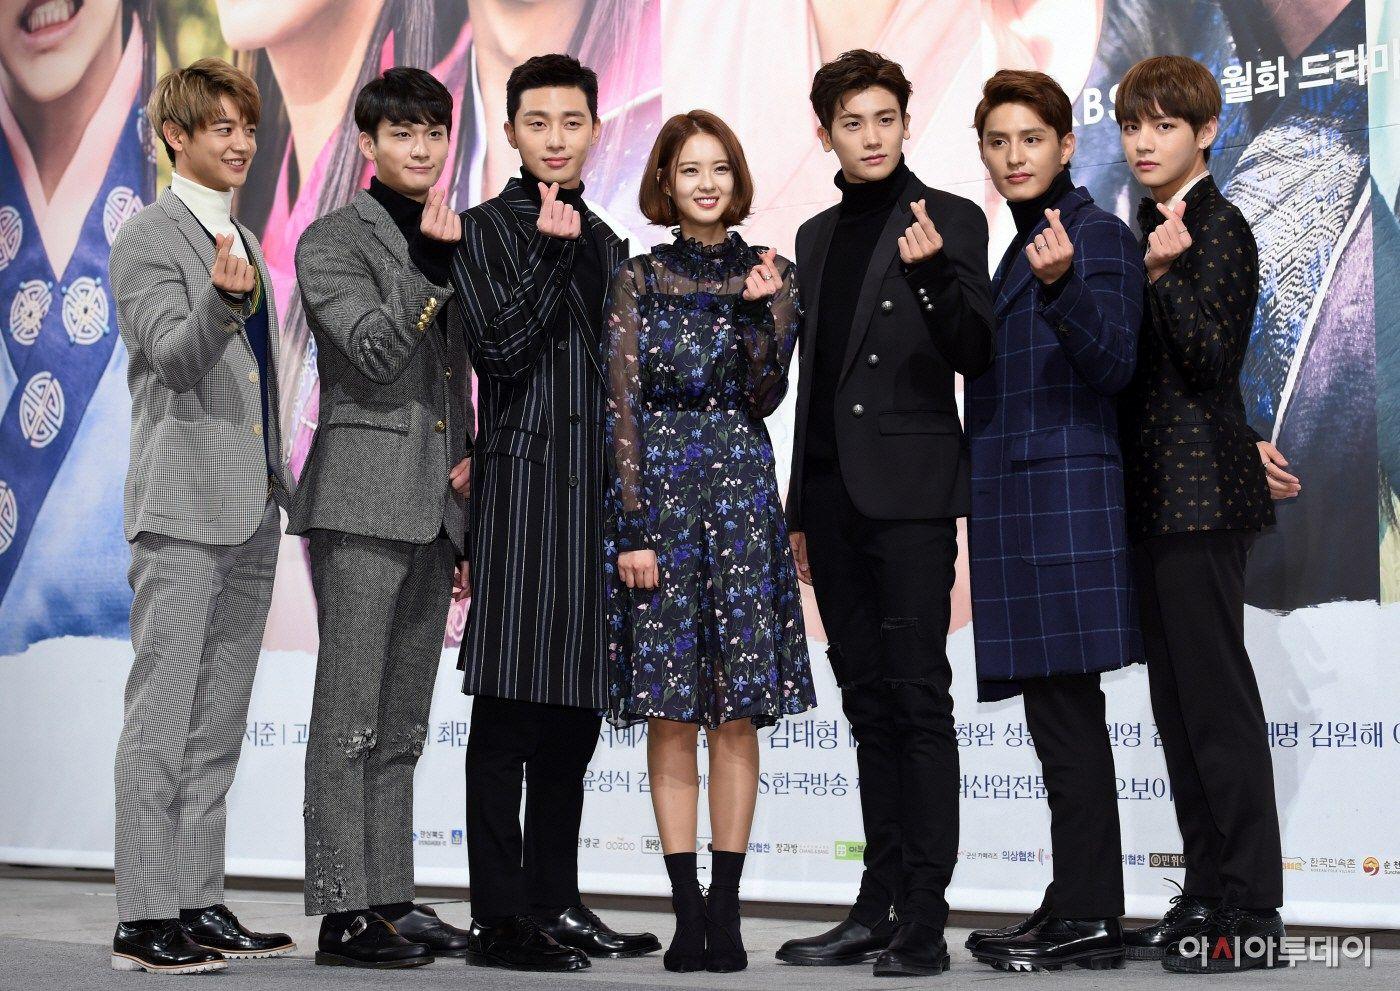 Hwarang Cast 3 Hwarang Hyung Sik Celebs